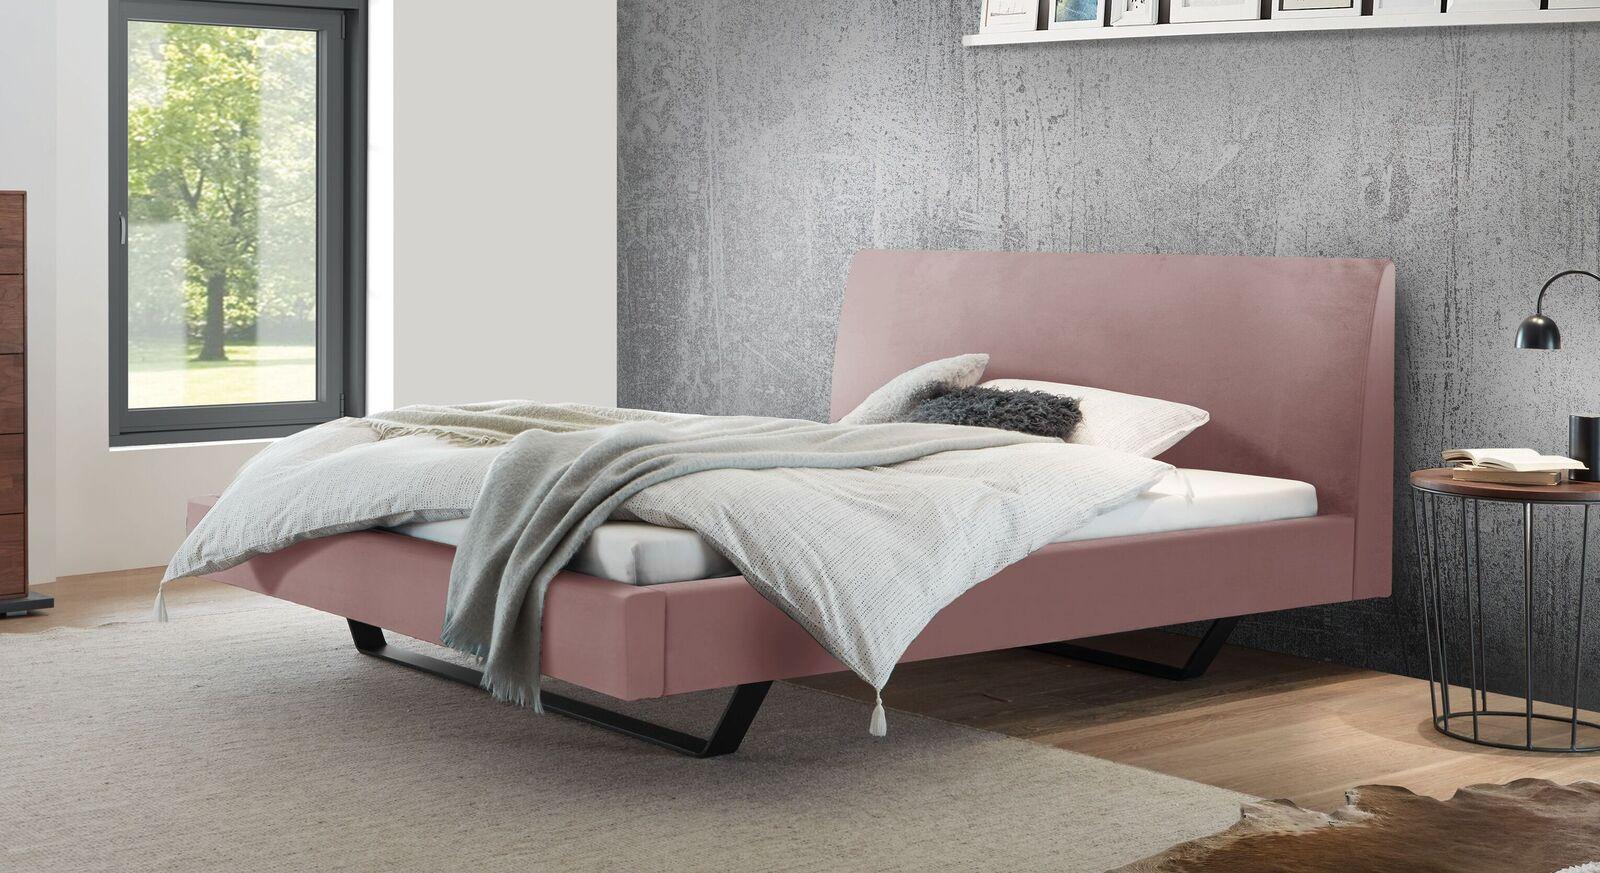 Bett Lieven mit blushfarbenem Samtbezug